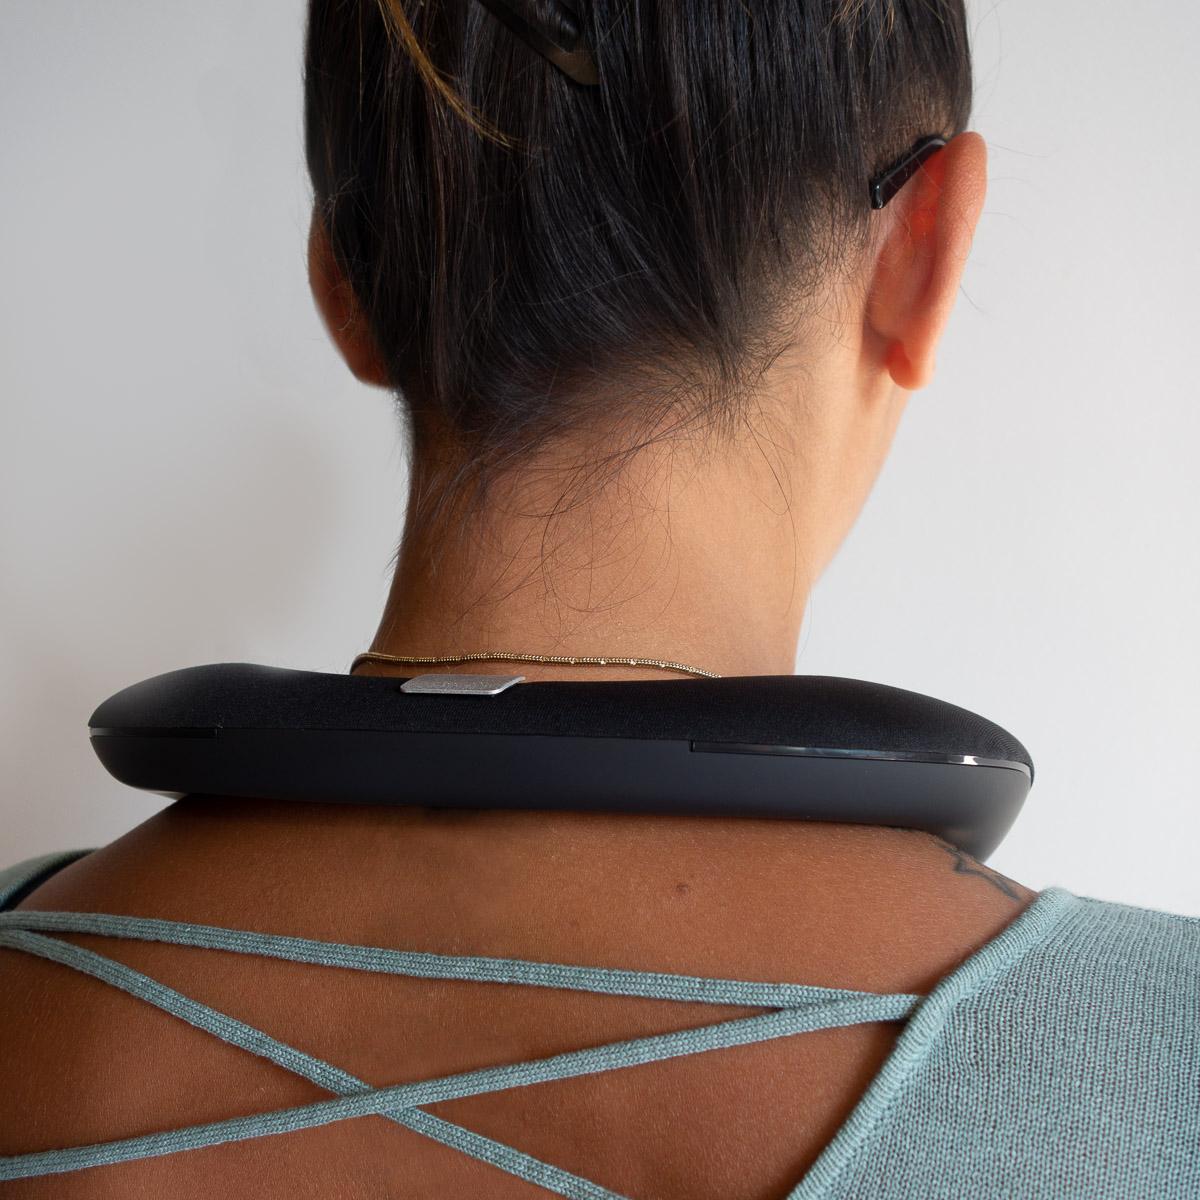 Audiowave halshøjtaler